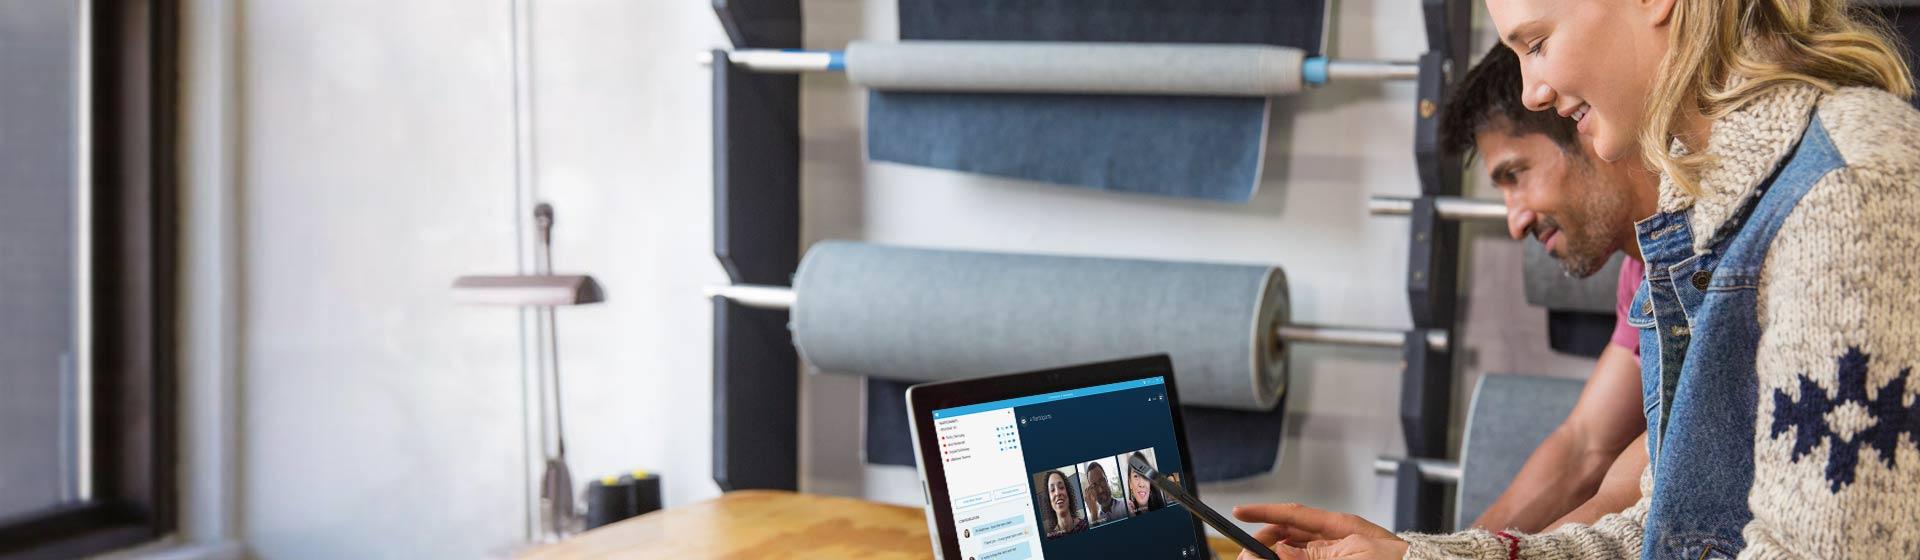 Naine ja mees kasutavad tahvelarvutis Skype'i koosolekute lahendust ja naine hoiab telefoni